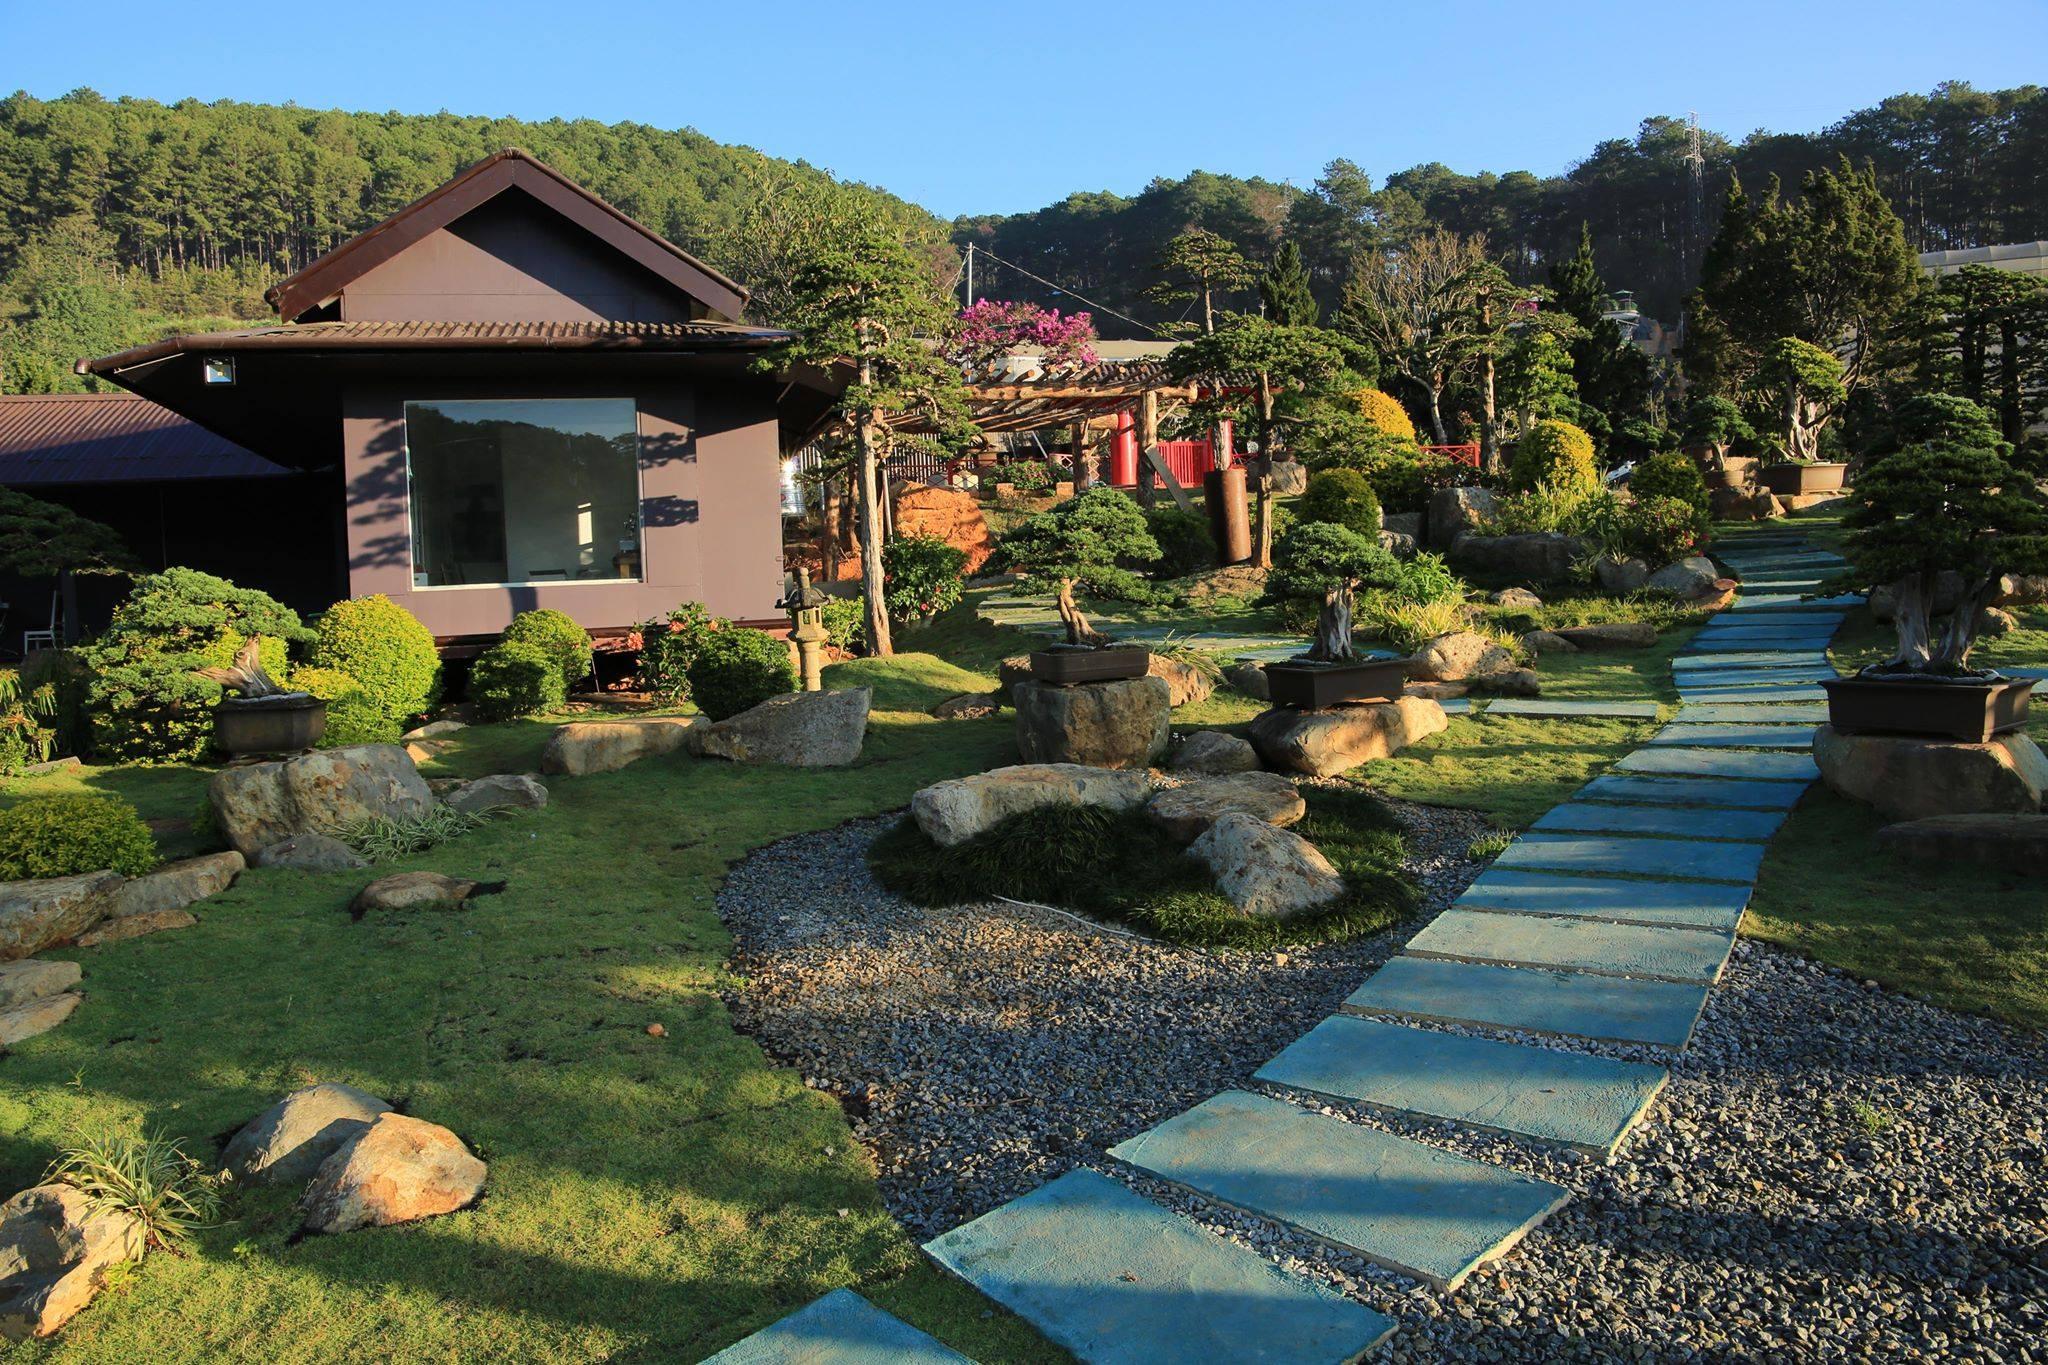 Tour du lịch Đà Lạt nghỉ dưỡng 3N2D